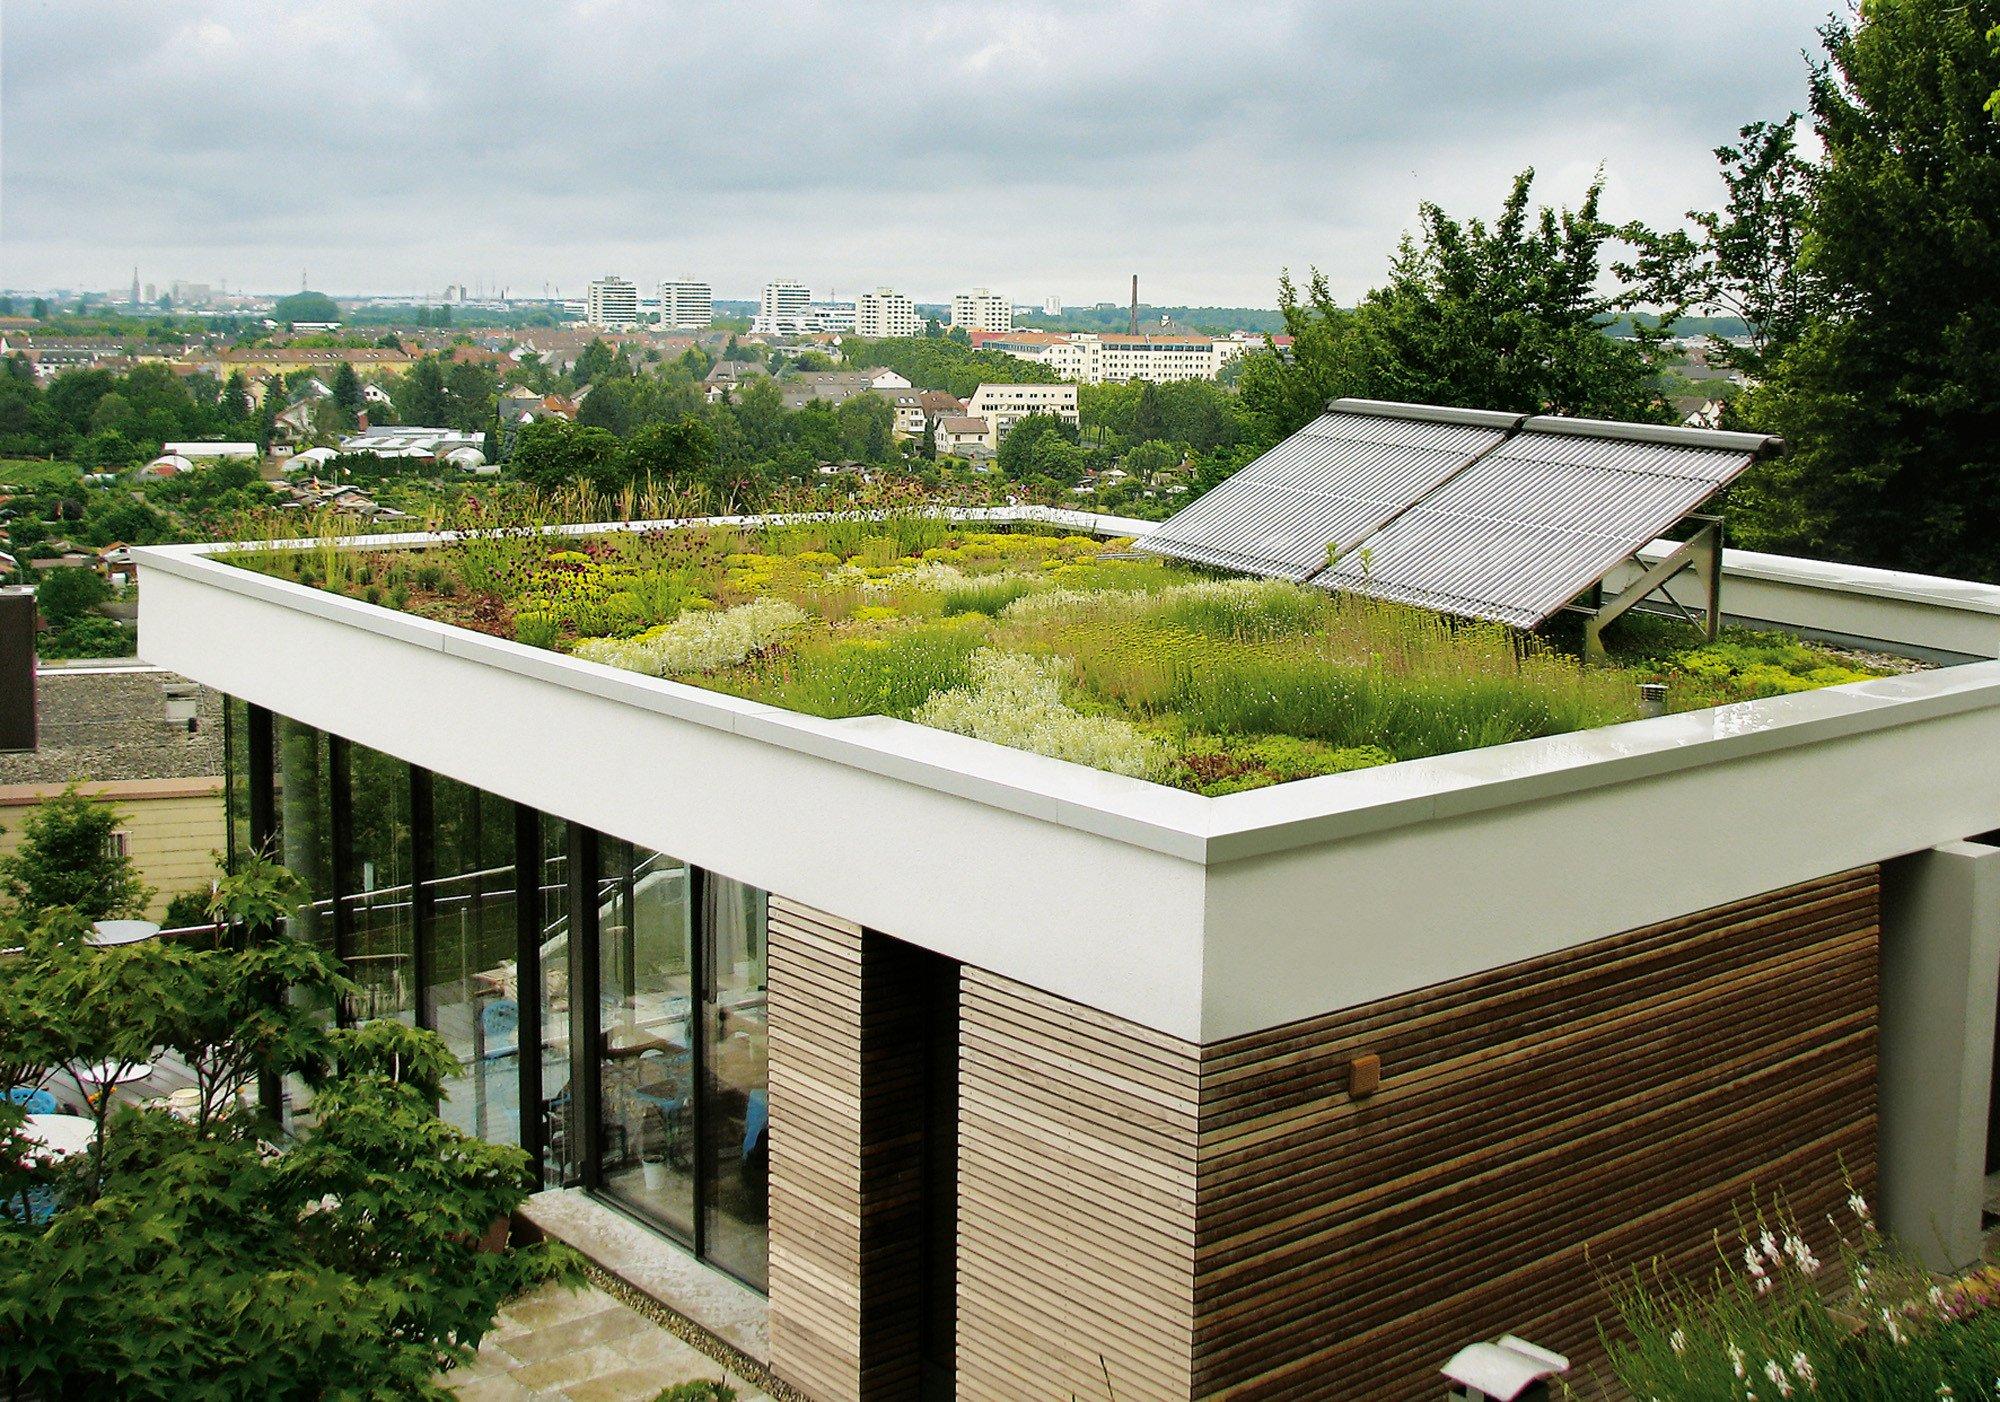 wandelemente aus massivholz nachhaltig bauen news produkte baunetz wissen. Black Bedroom Furniture Sets. Home Design Ideas